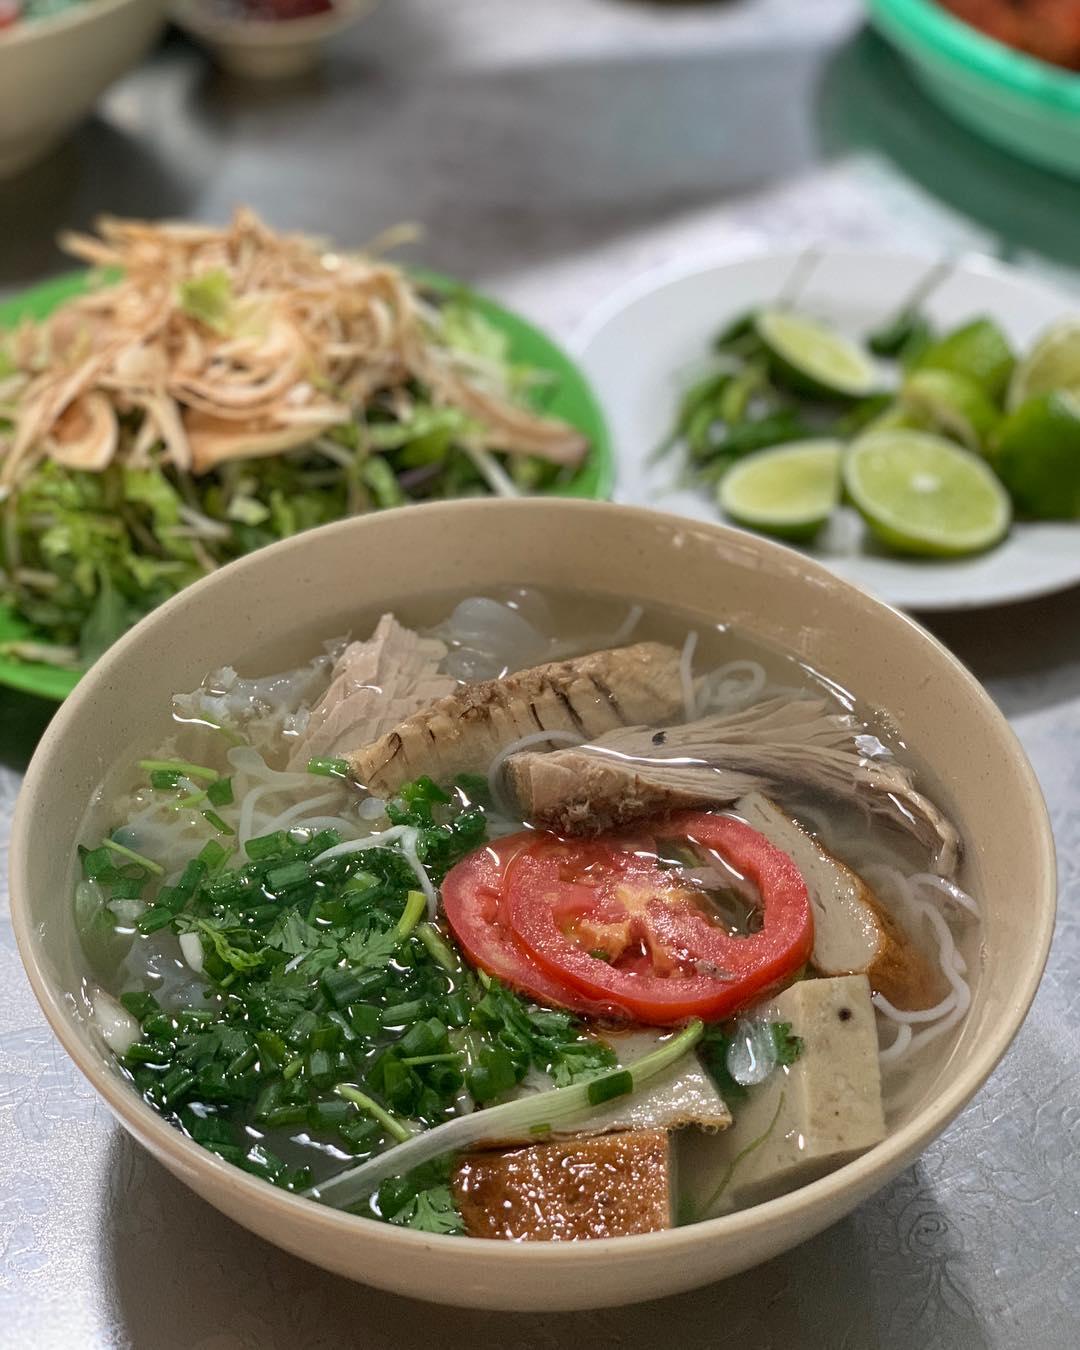 Top 12 quán ăn ngon ở Nha Trang 2020 'mê hoặc' du khách - Ảnh 2.